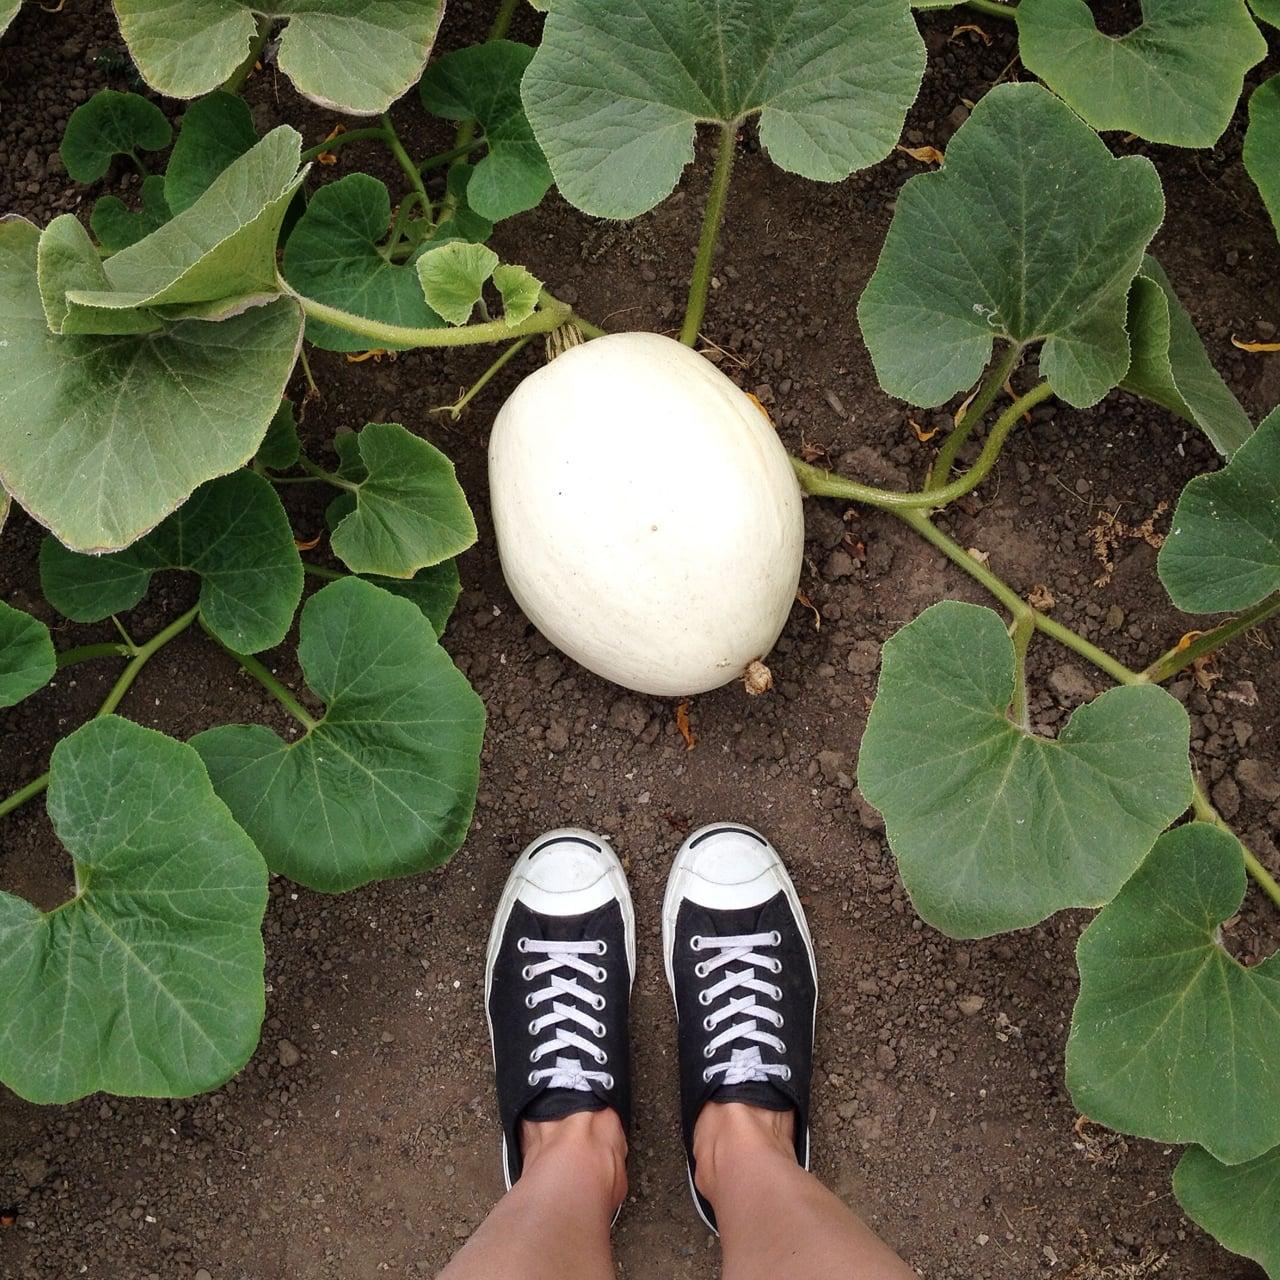 A white pumpkin on the vine